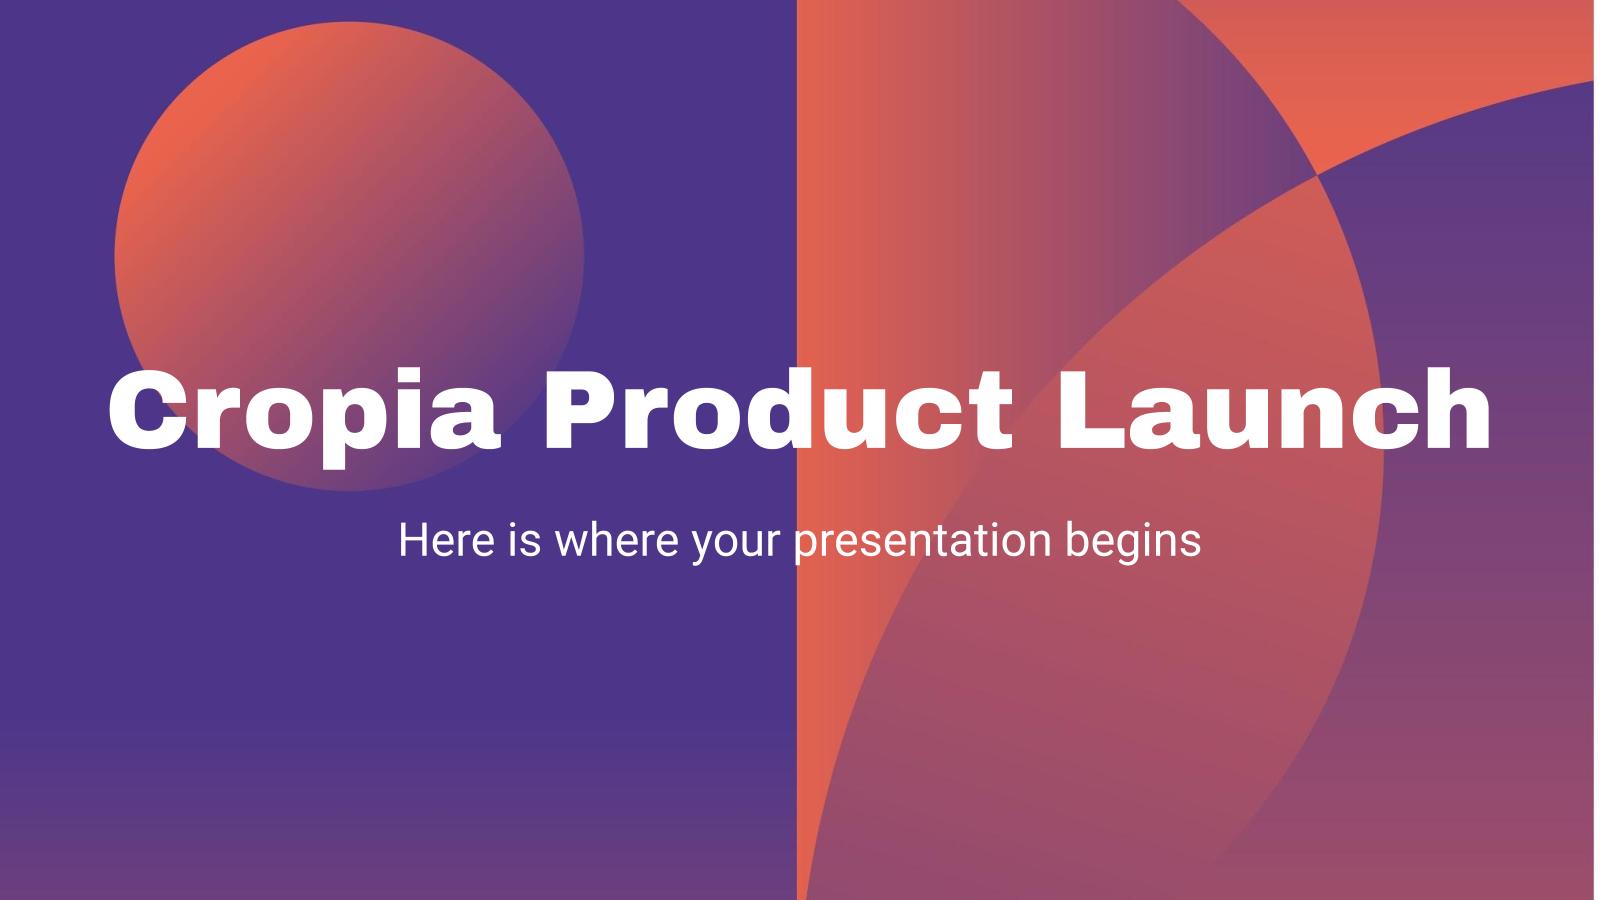 Modelo de apresentação Lançamento de produto Cropia